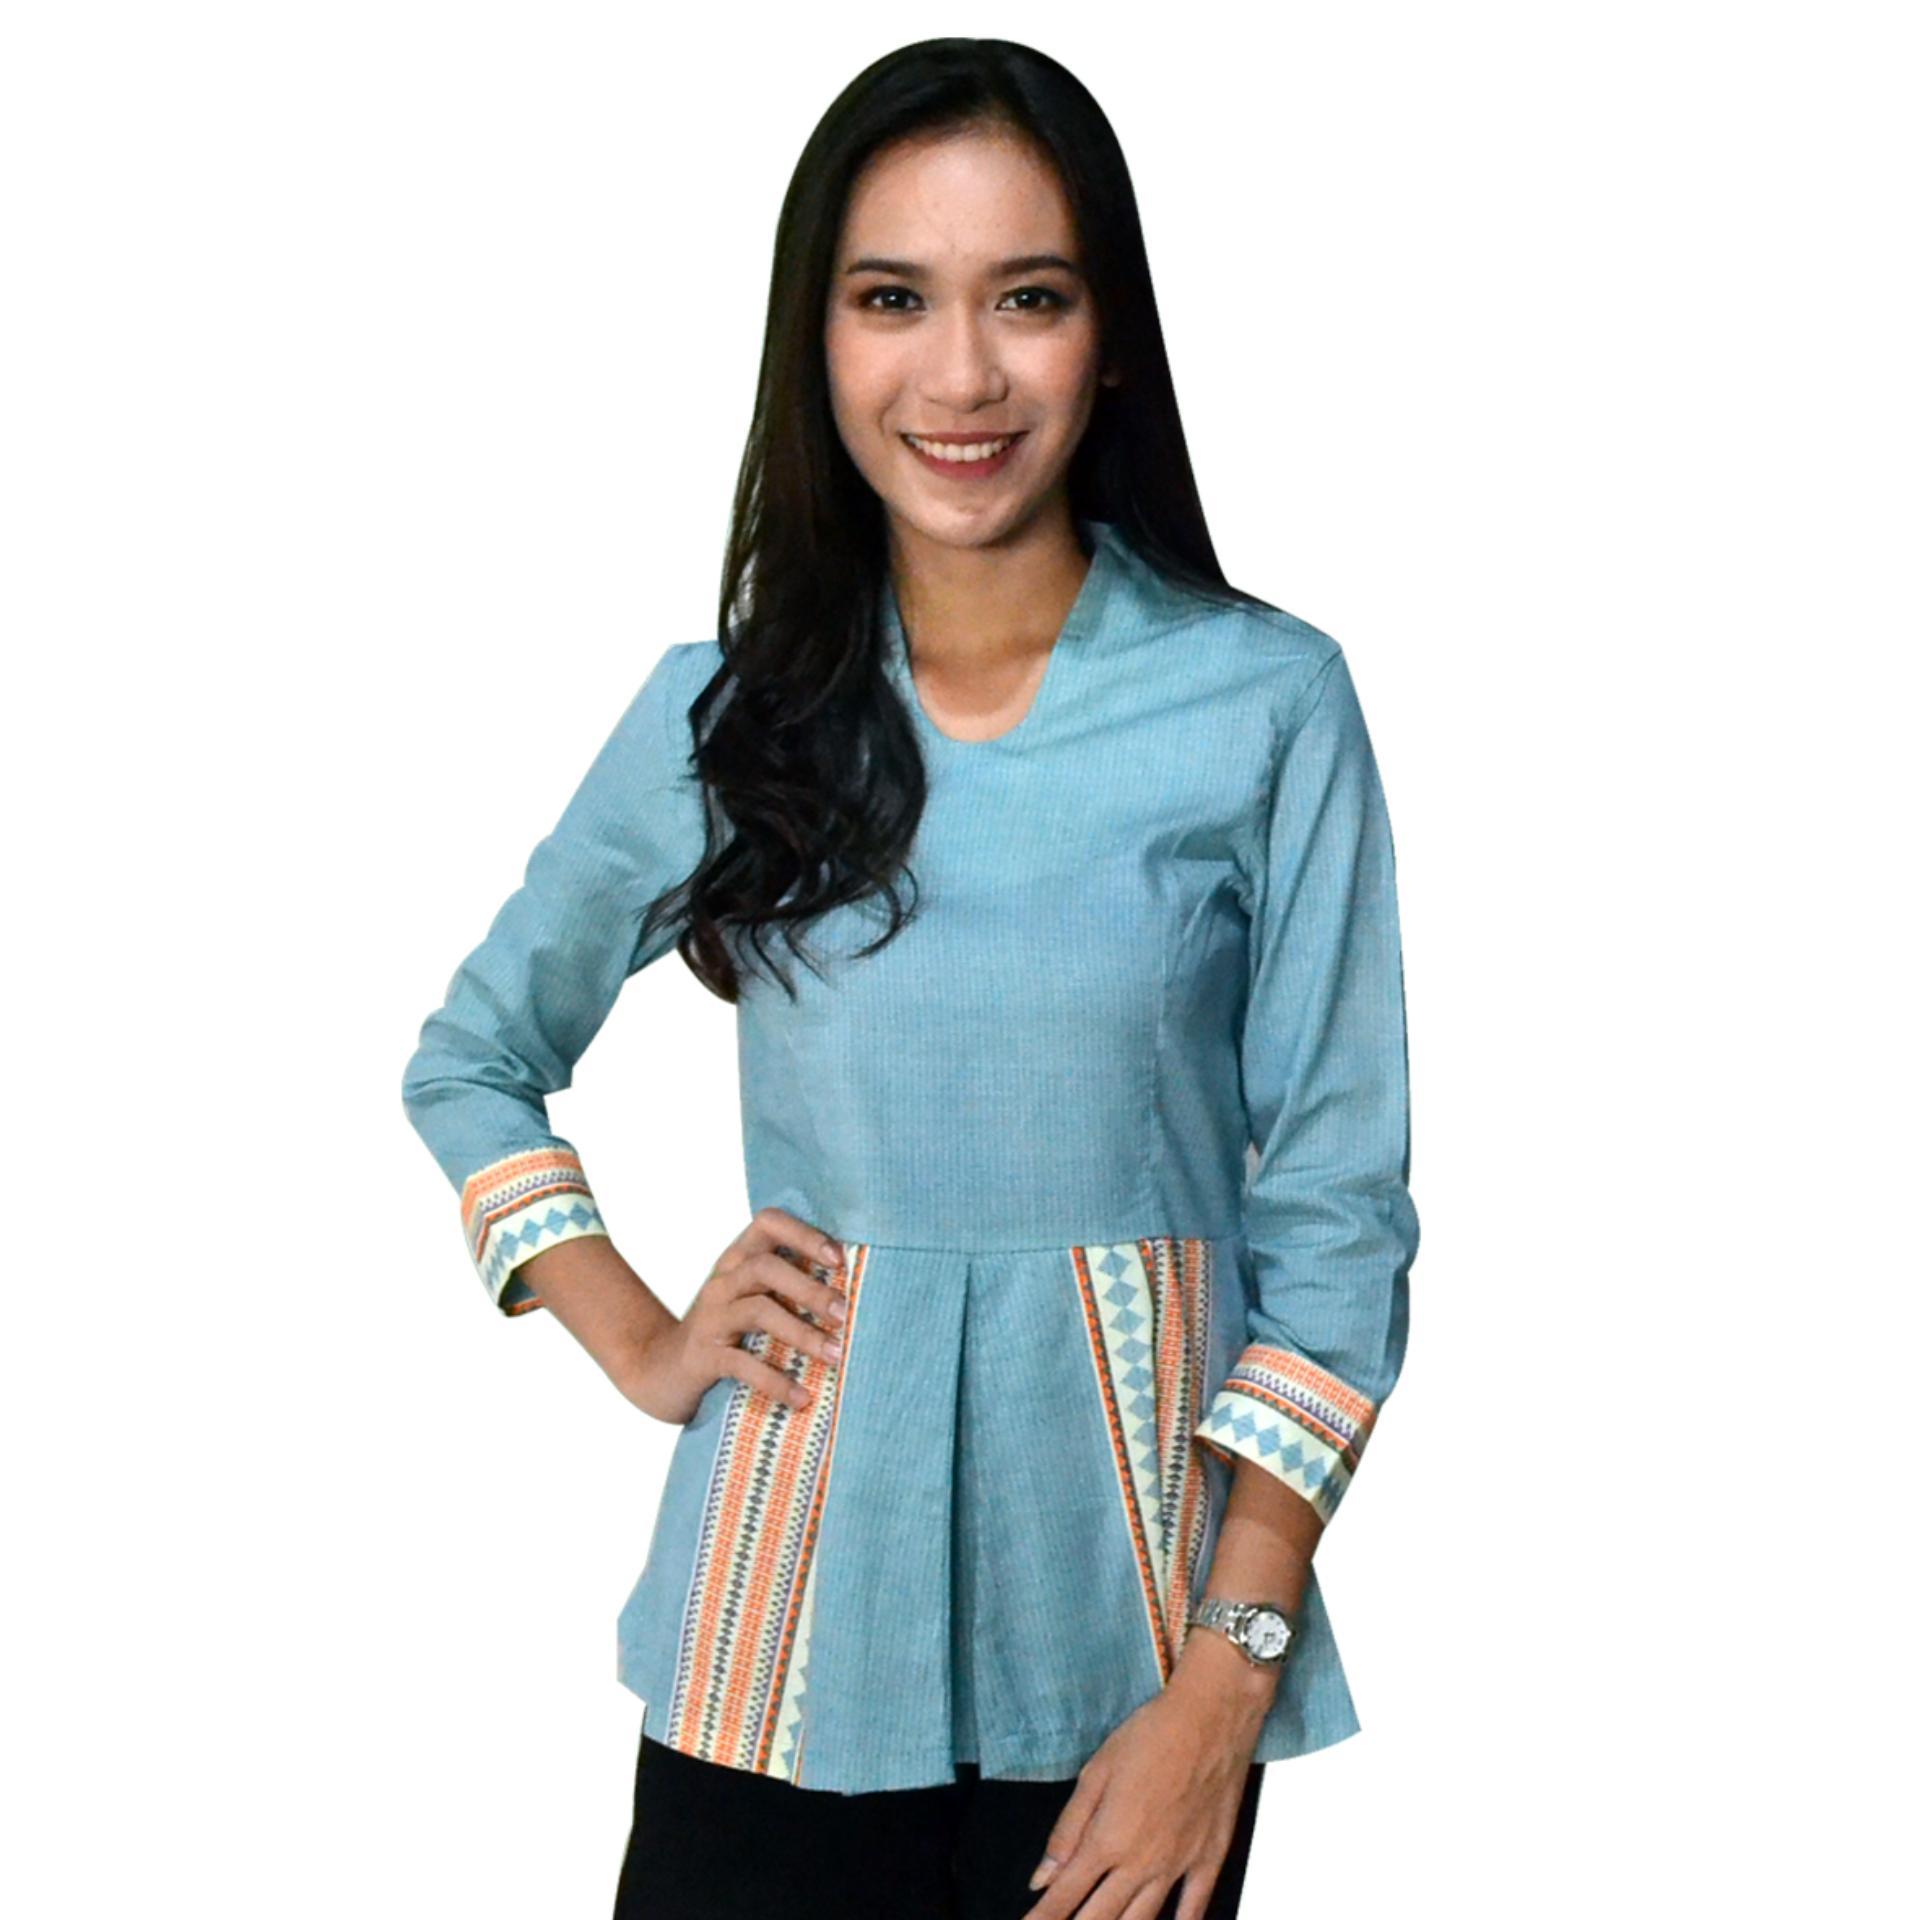 Spesifikasi Batik Arjunaweda Blus Batik Wanita Raster Troso Biru Murah